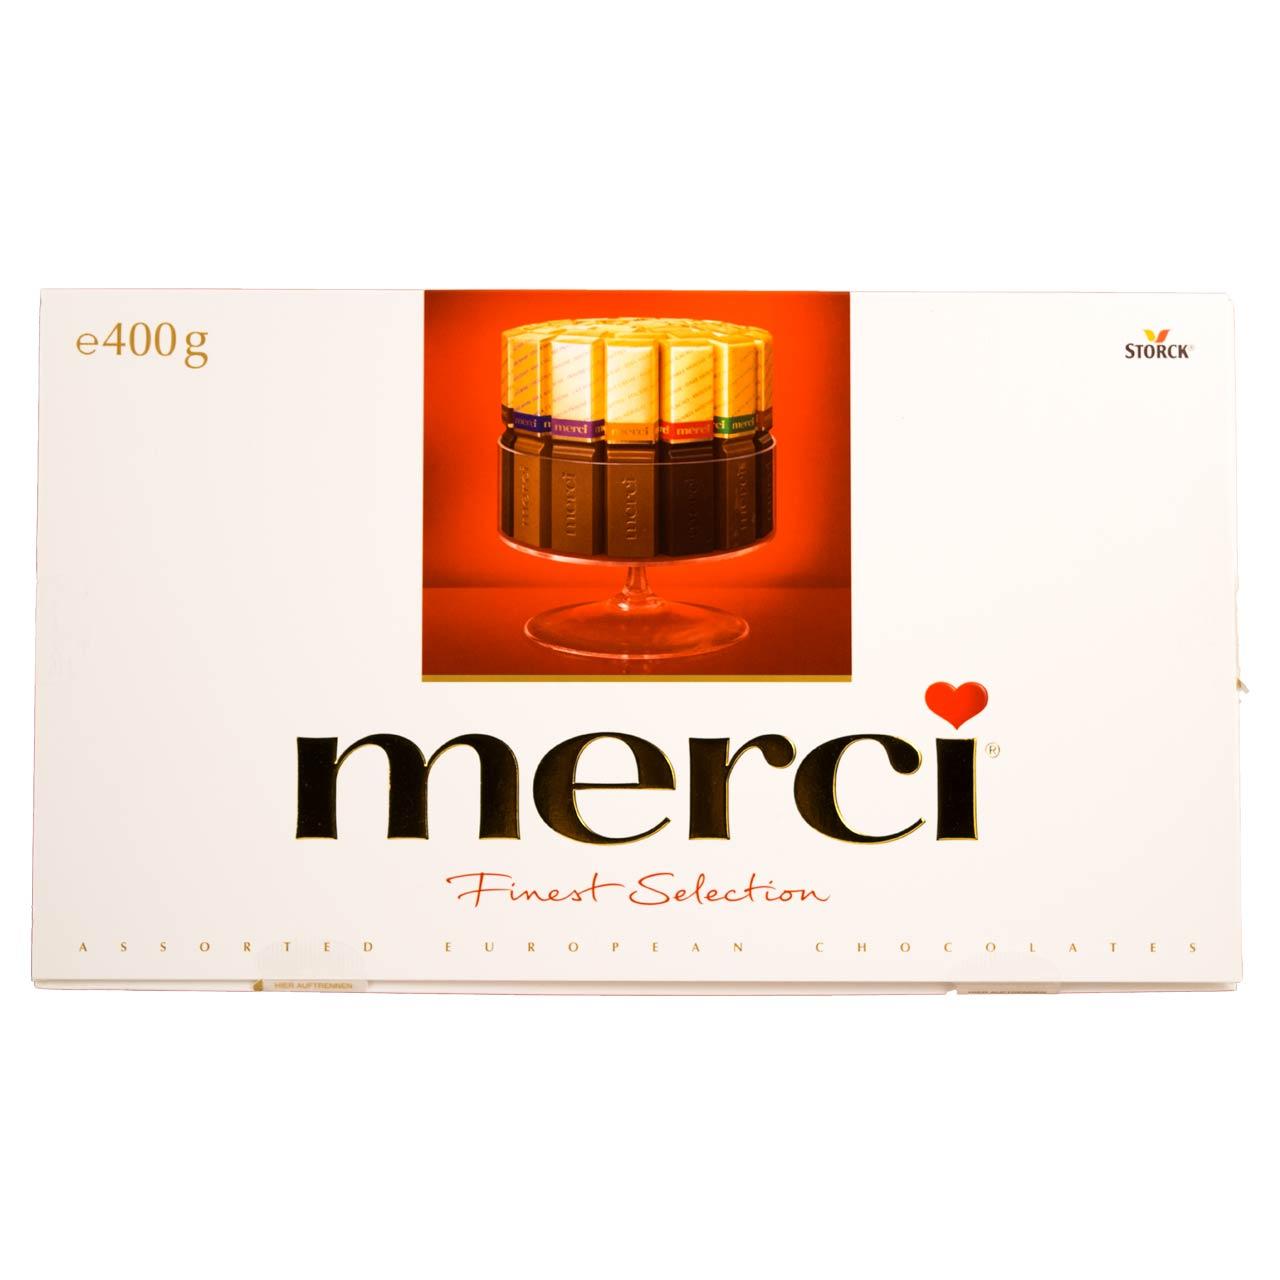 شکلات مرسی ۴۰۰ گرمی – merci